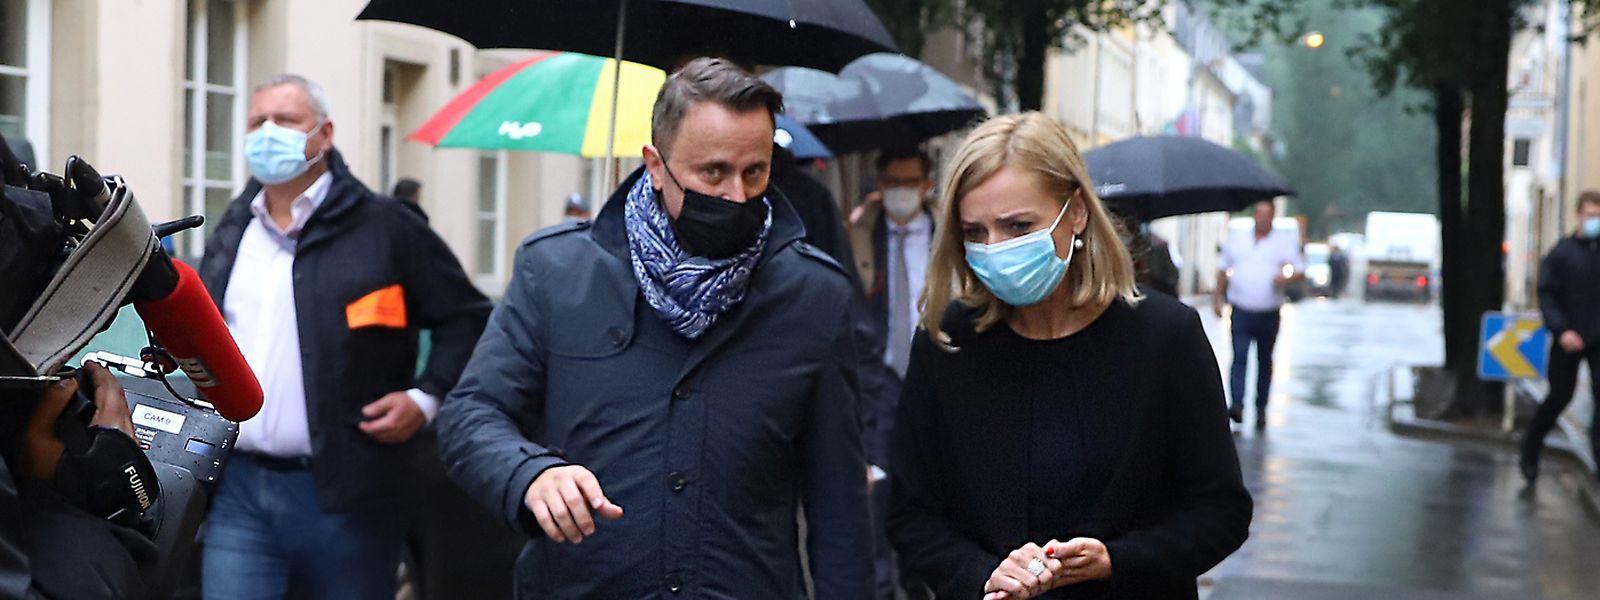 Le Premier ministre et la ministre de l'Intérieur ont rendu visite aux sinistrés du Grund et d'Echternach, particulièrement touchés par les intempéries.